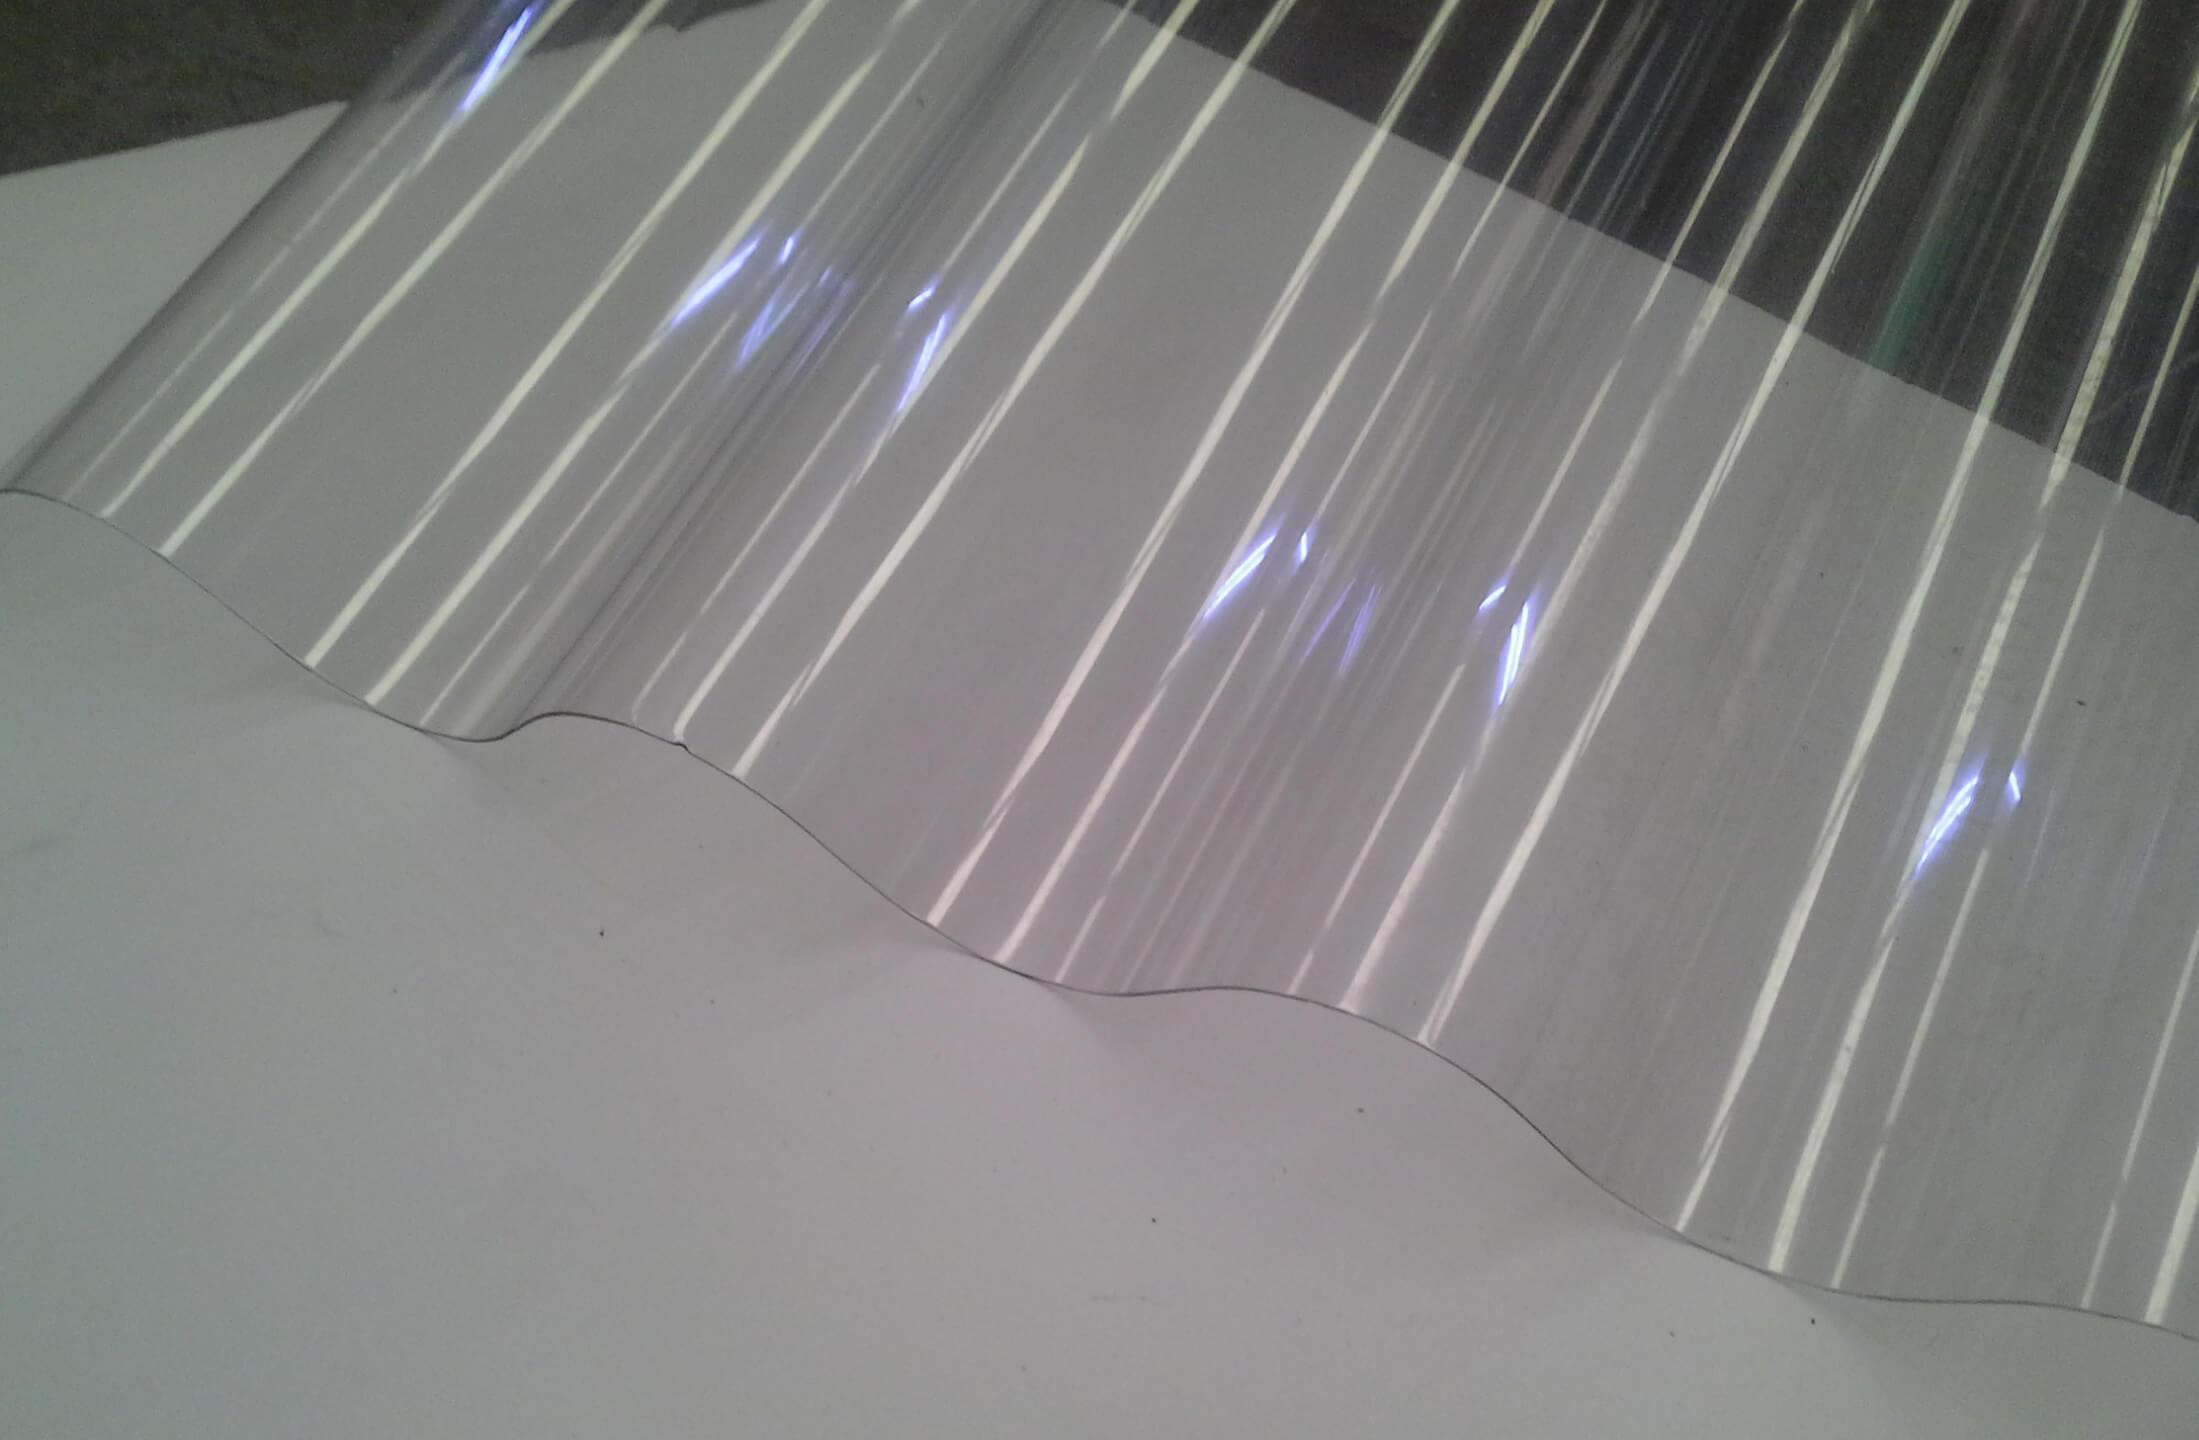 Tuberias placas y planchas de policarbonato tubos y - Plancha policarbonato transparente ...